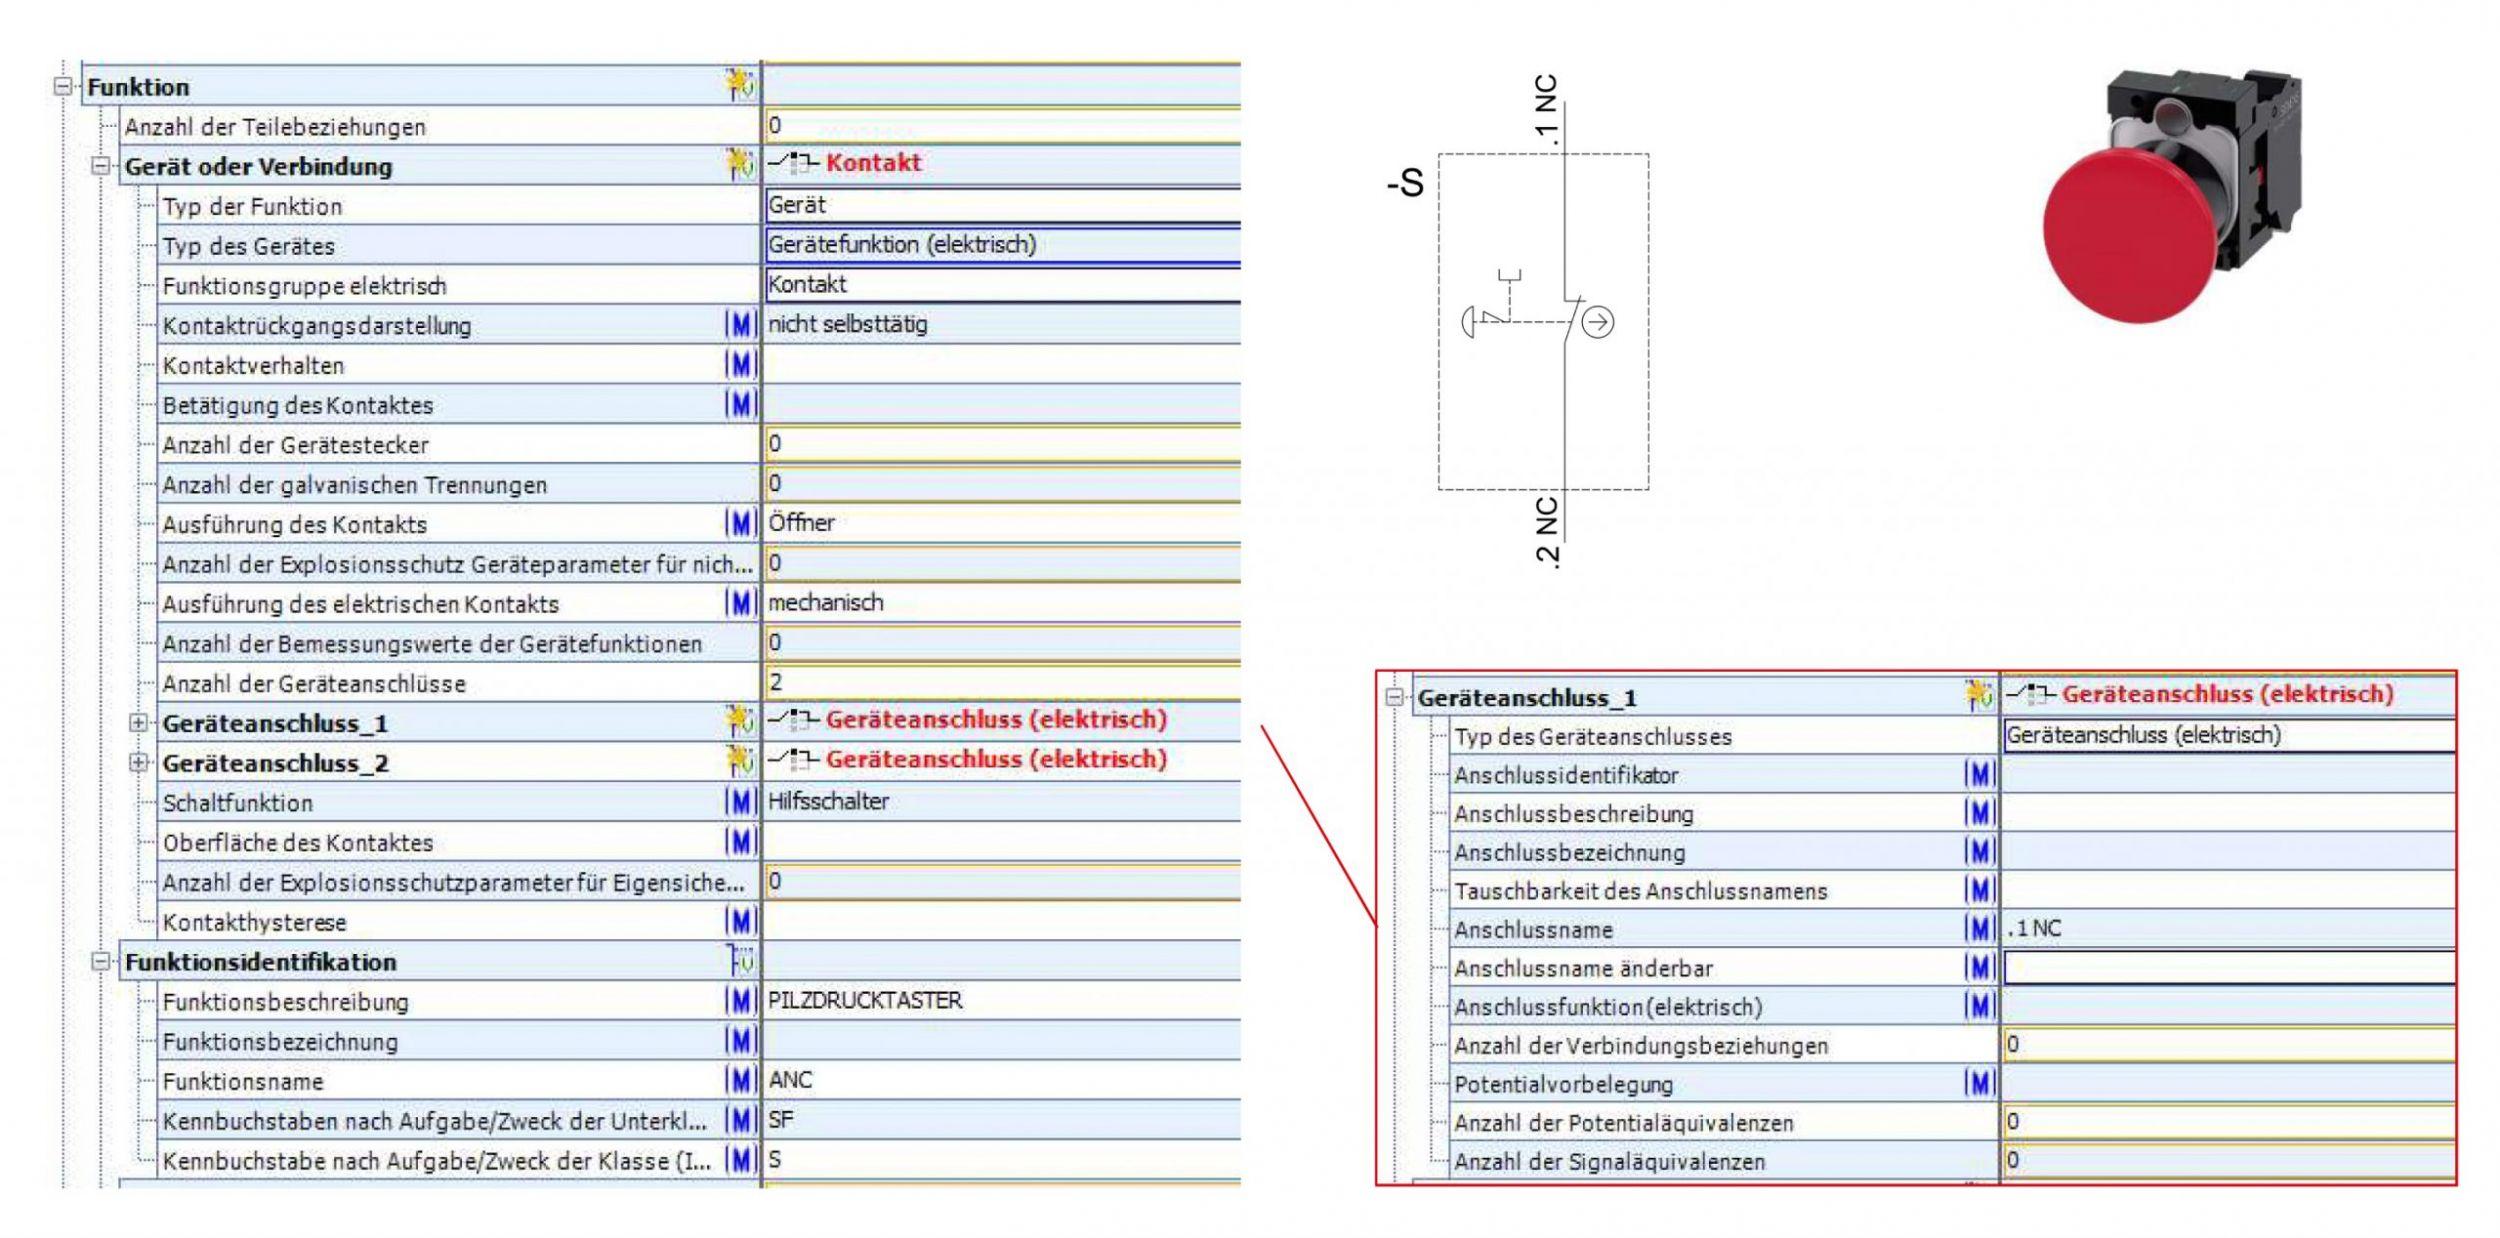 Bild 1 | Das Bild zeigt die Abbildung der Funktionsbeschreibung in eCl@ss 11.0 sowie das dazugehörige Schaltsymbol für Pilzdruckschalter. (Bild: AmpereSoft GmbH)